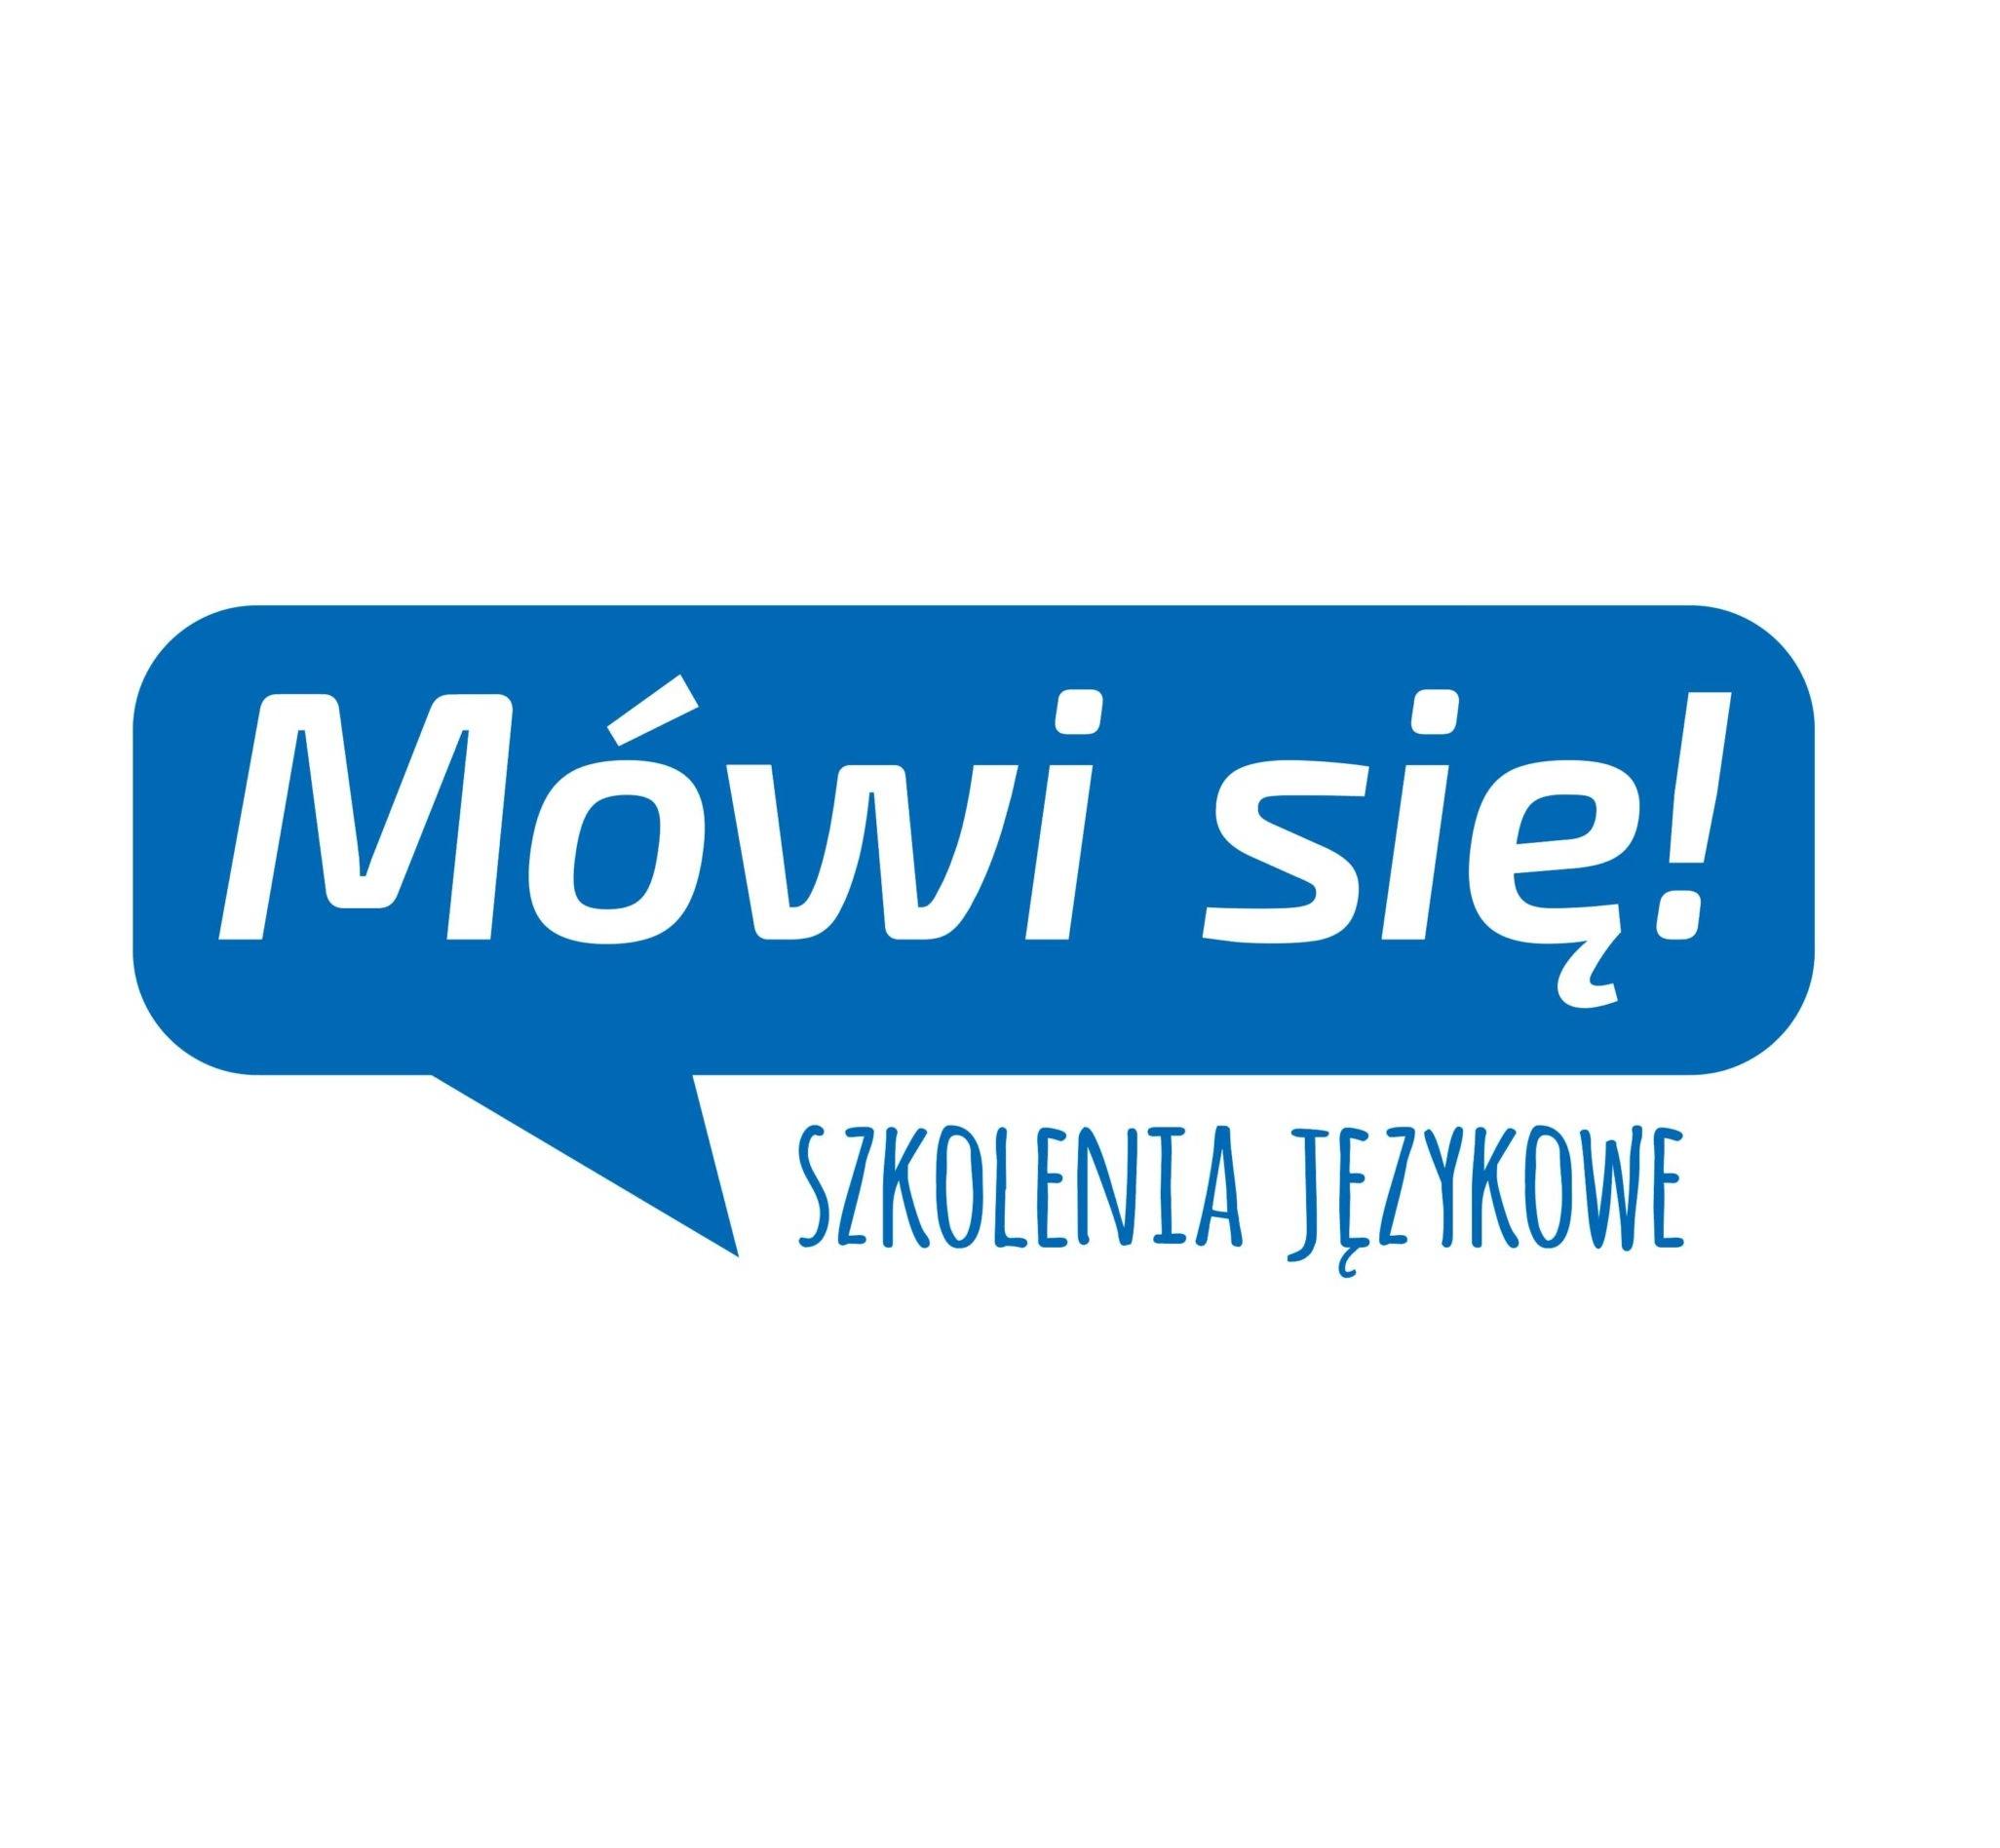 Mówi się! szkolenia językowe